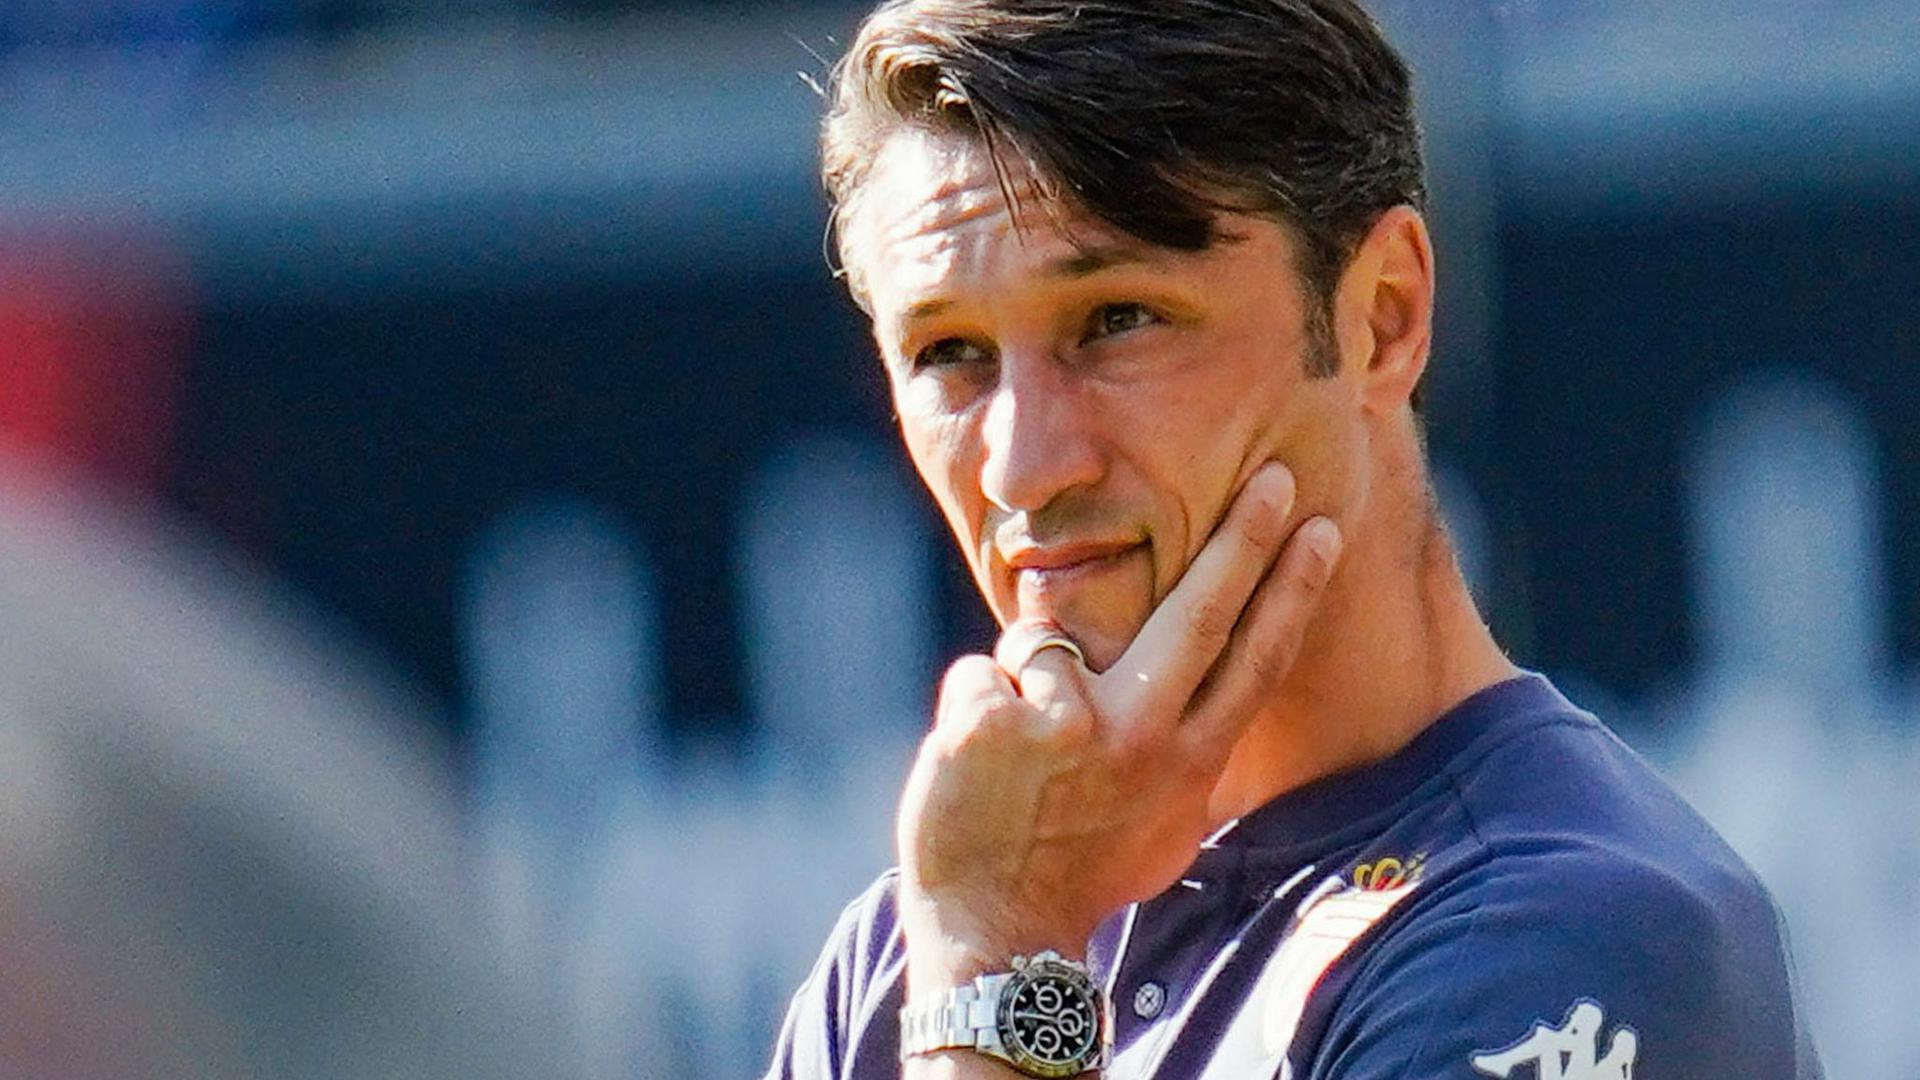 Monaco-Trainer Niko Kovac verurteilte die rassistischen Vorfälle in Prag.